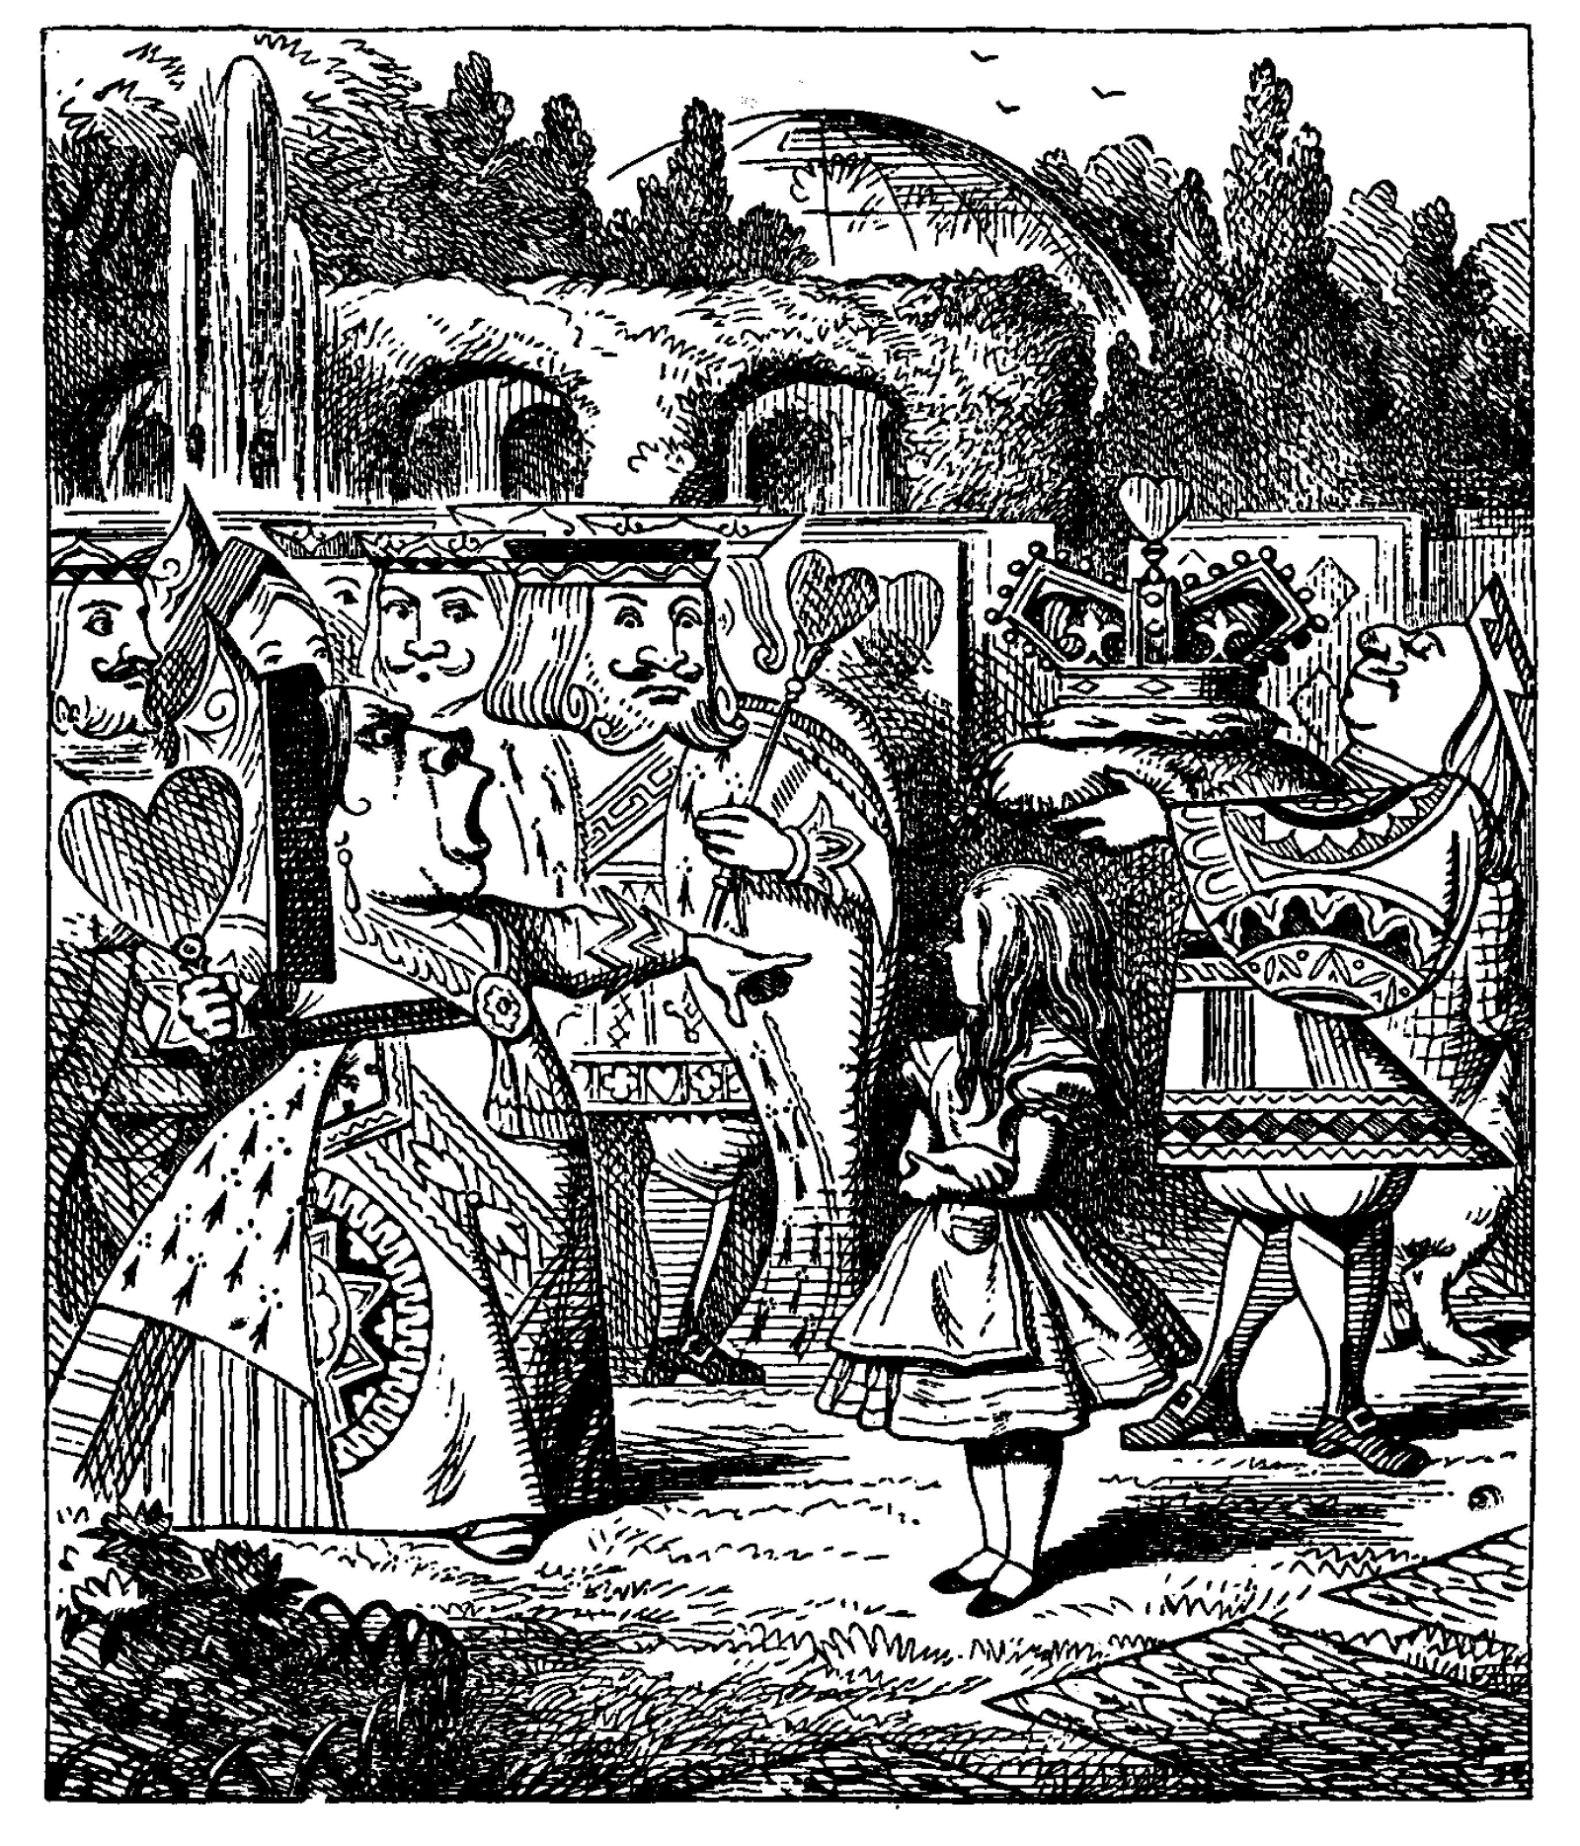 La cour de cœur illustration de John Tenniel pour Alice au pays des merveilles